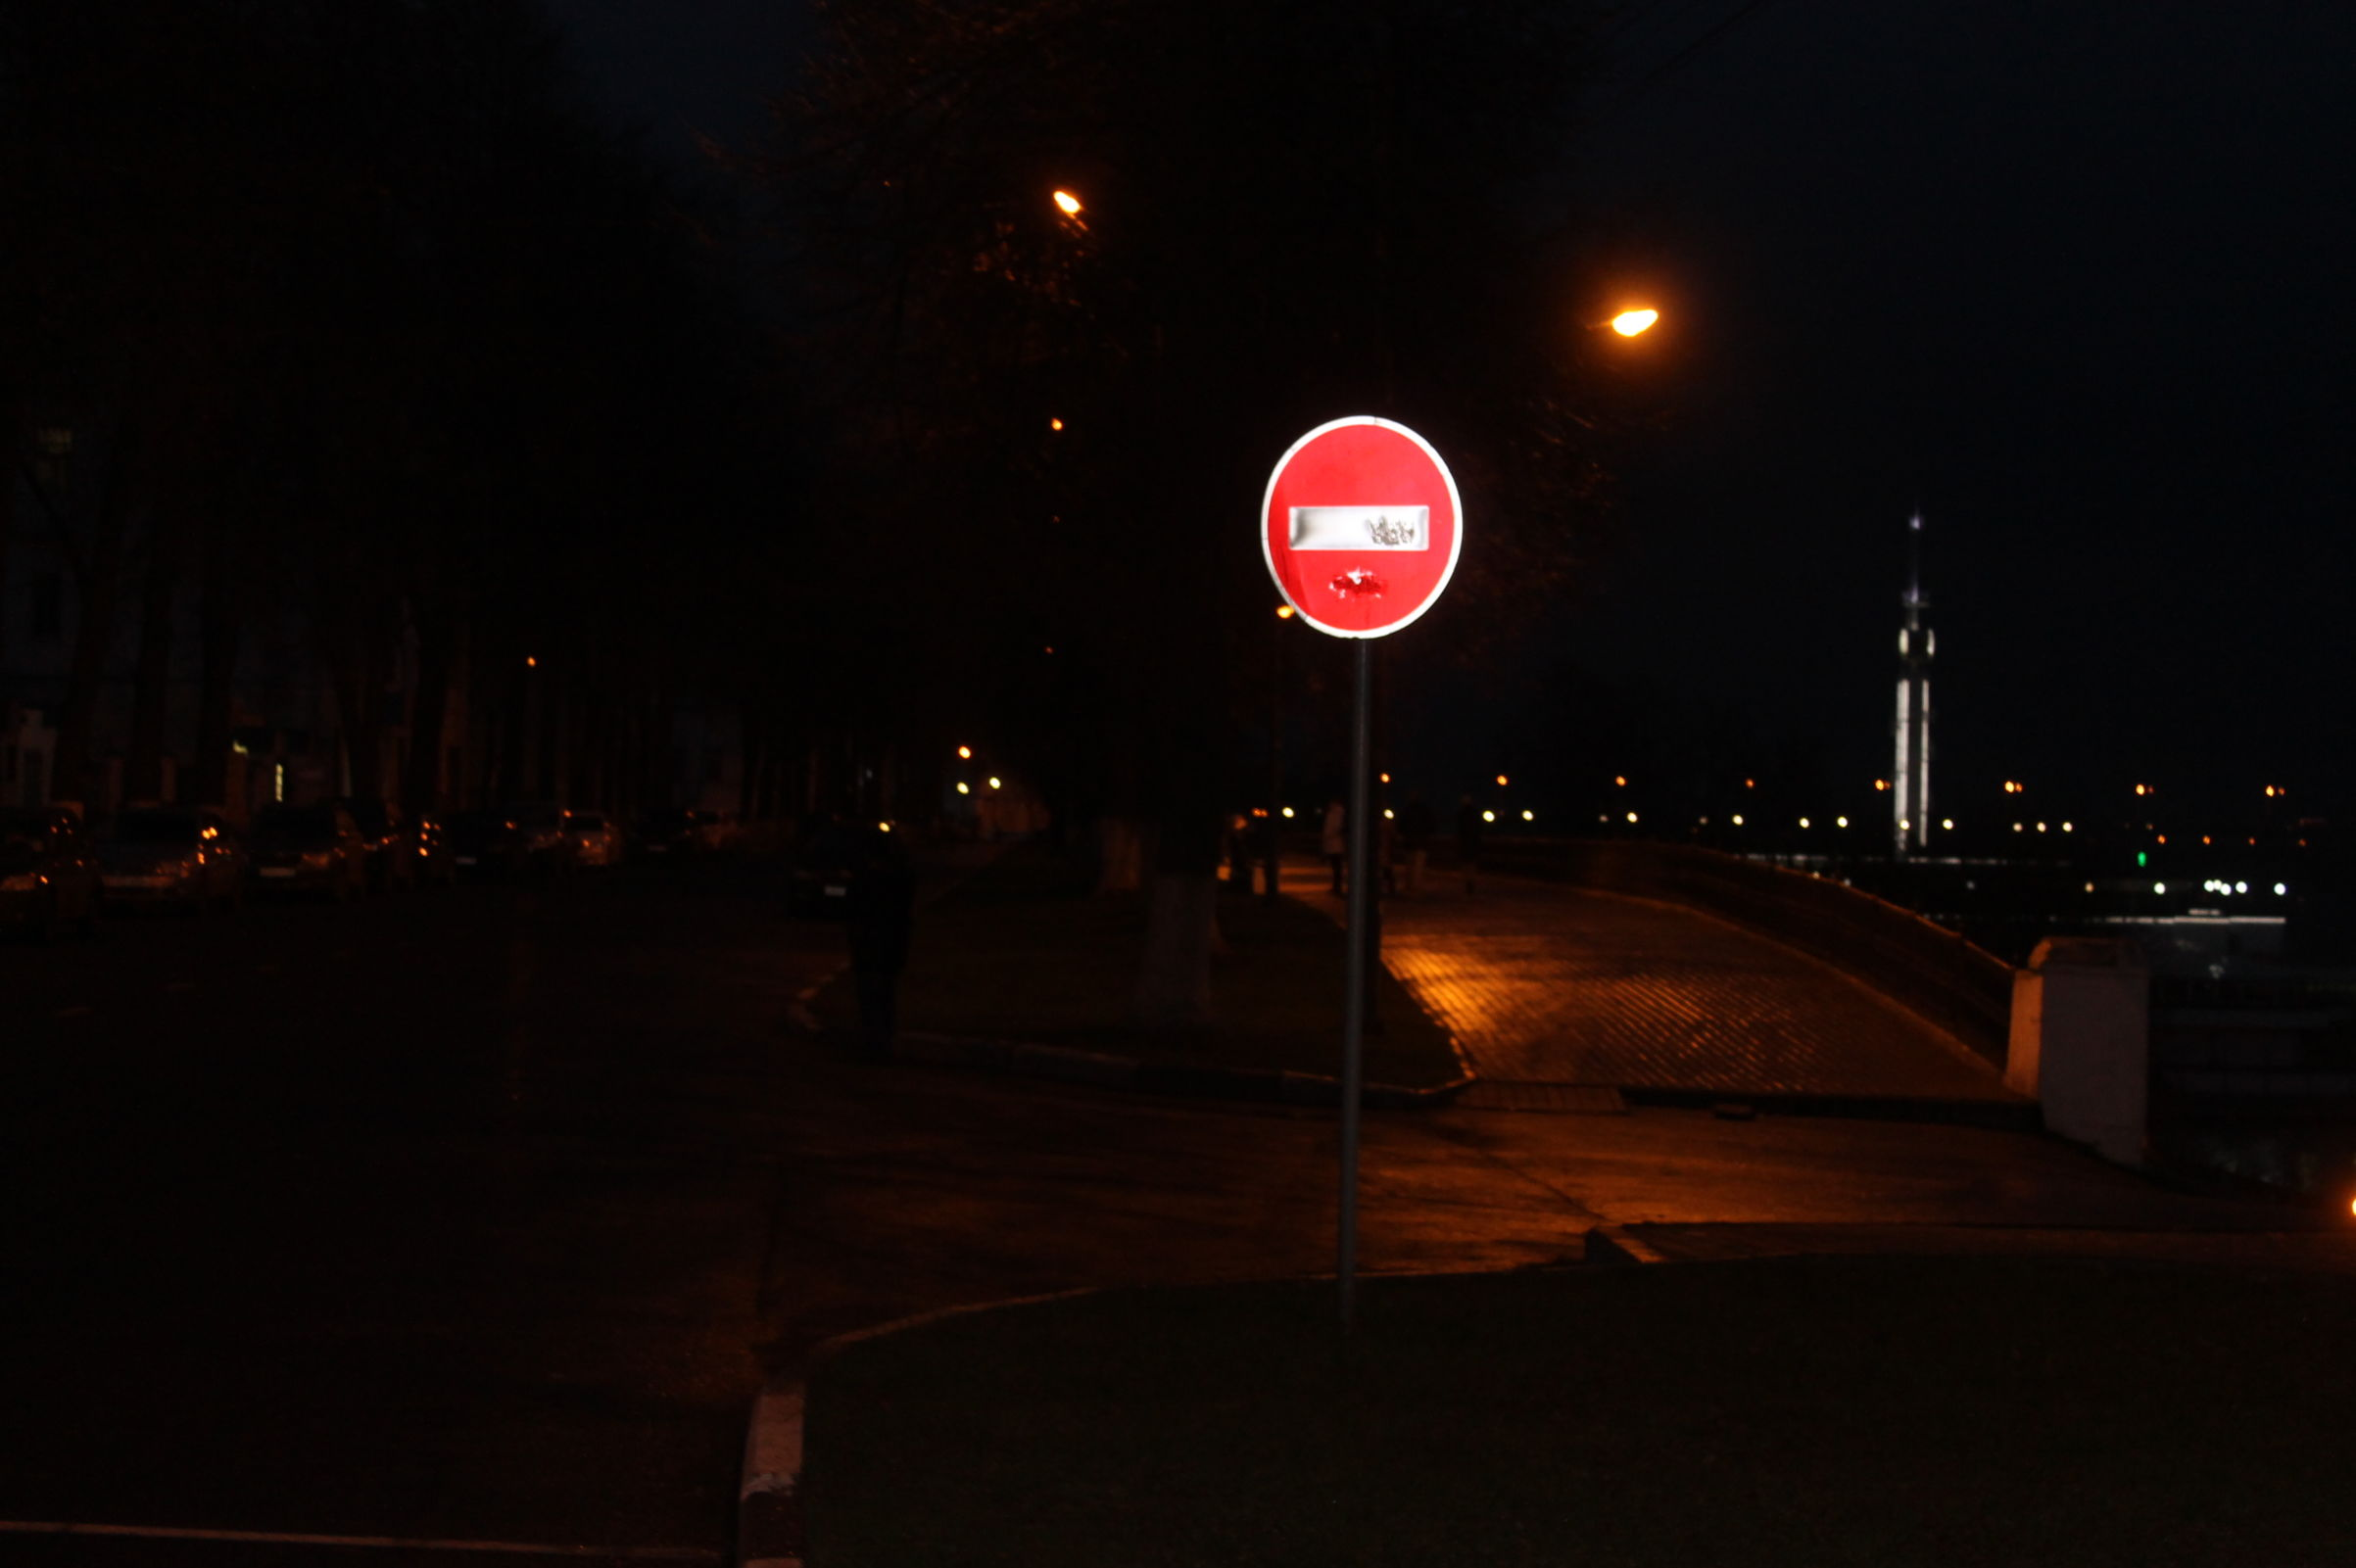 Ограничения движения введут в центре Ярославля на все новогодние каникулы